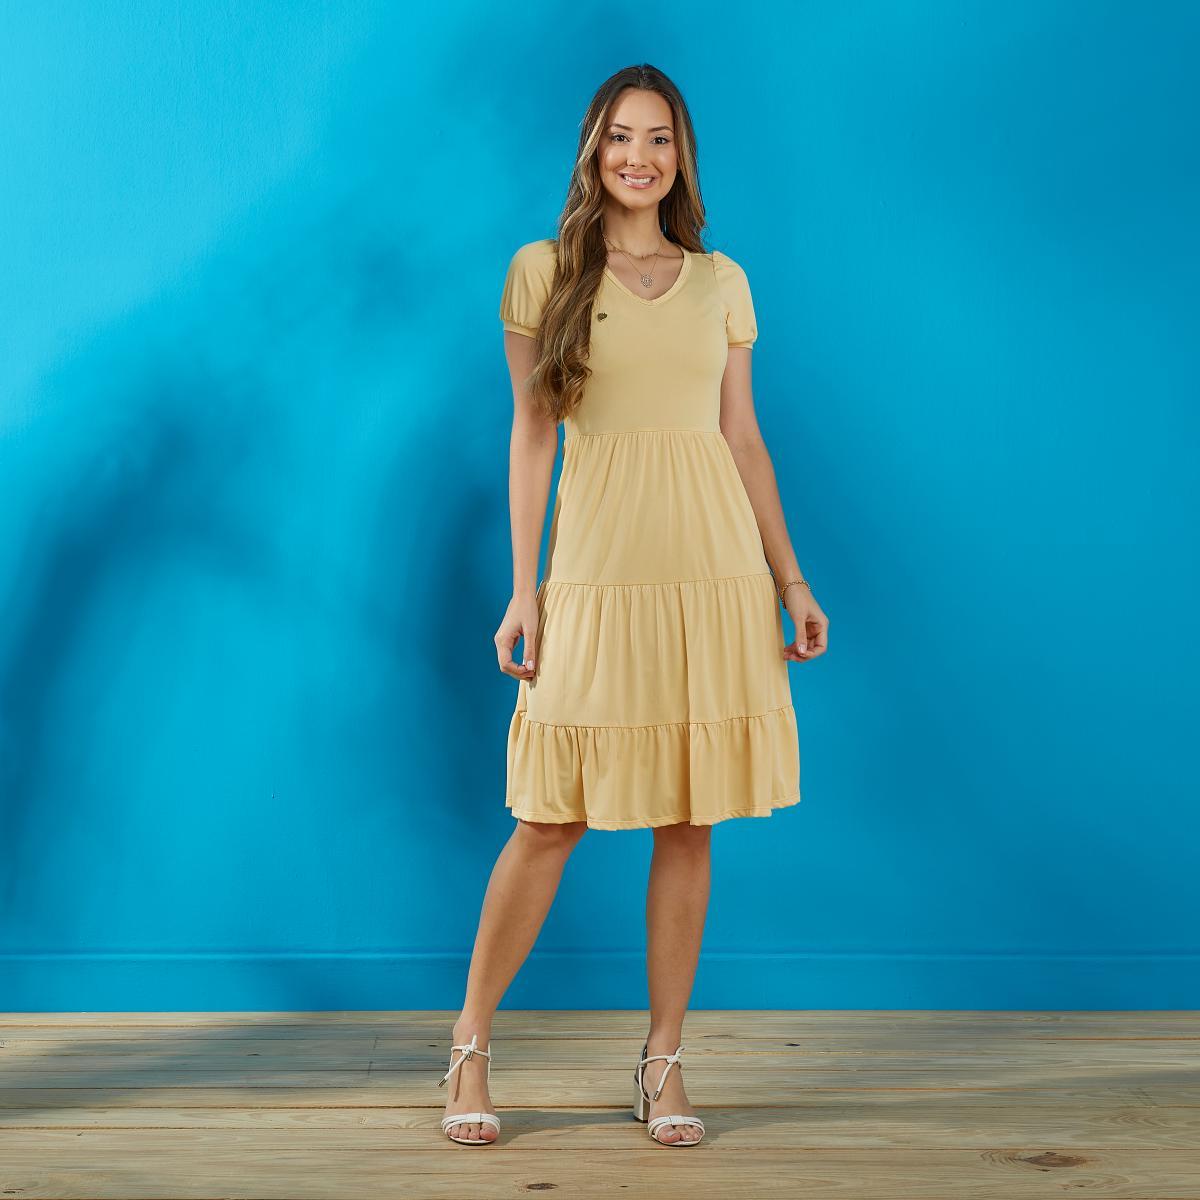 Vestido Dora Confeccionado No Crepe Sunset, Saia 3 Marias - Moda Evangélica - Tatá Martello